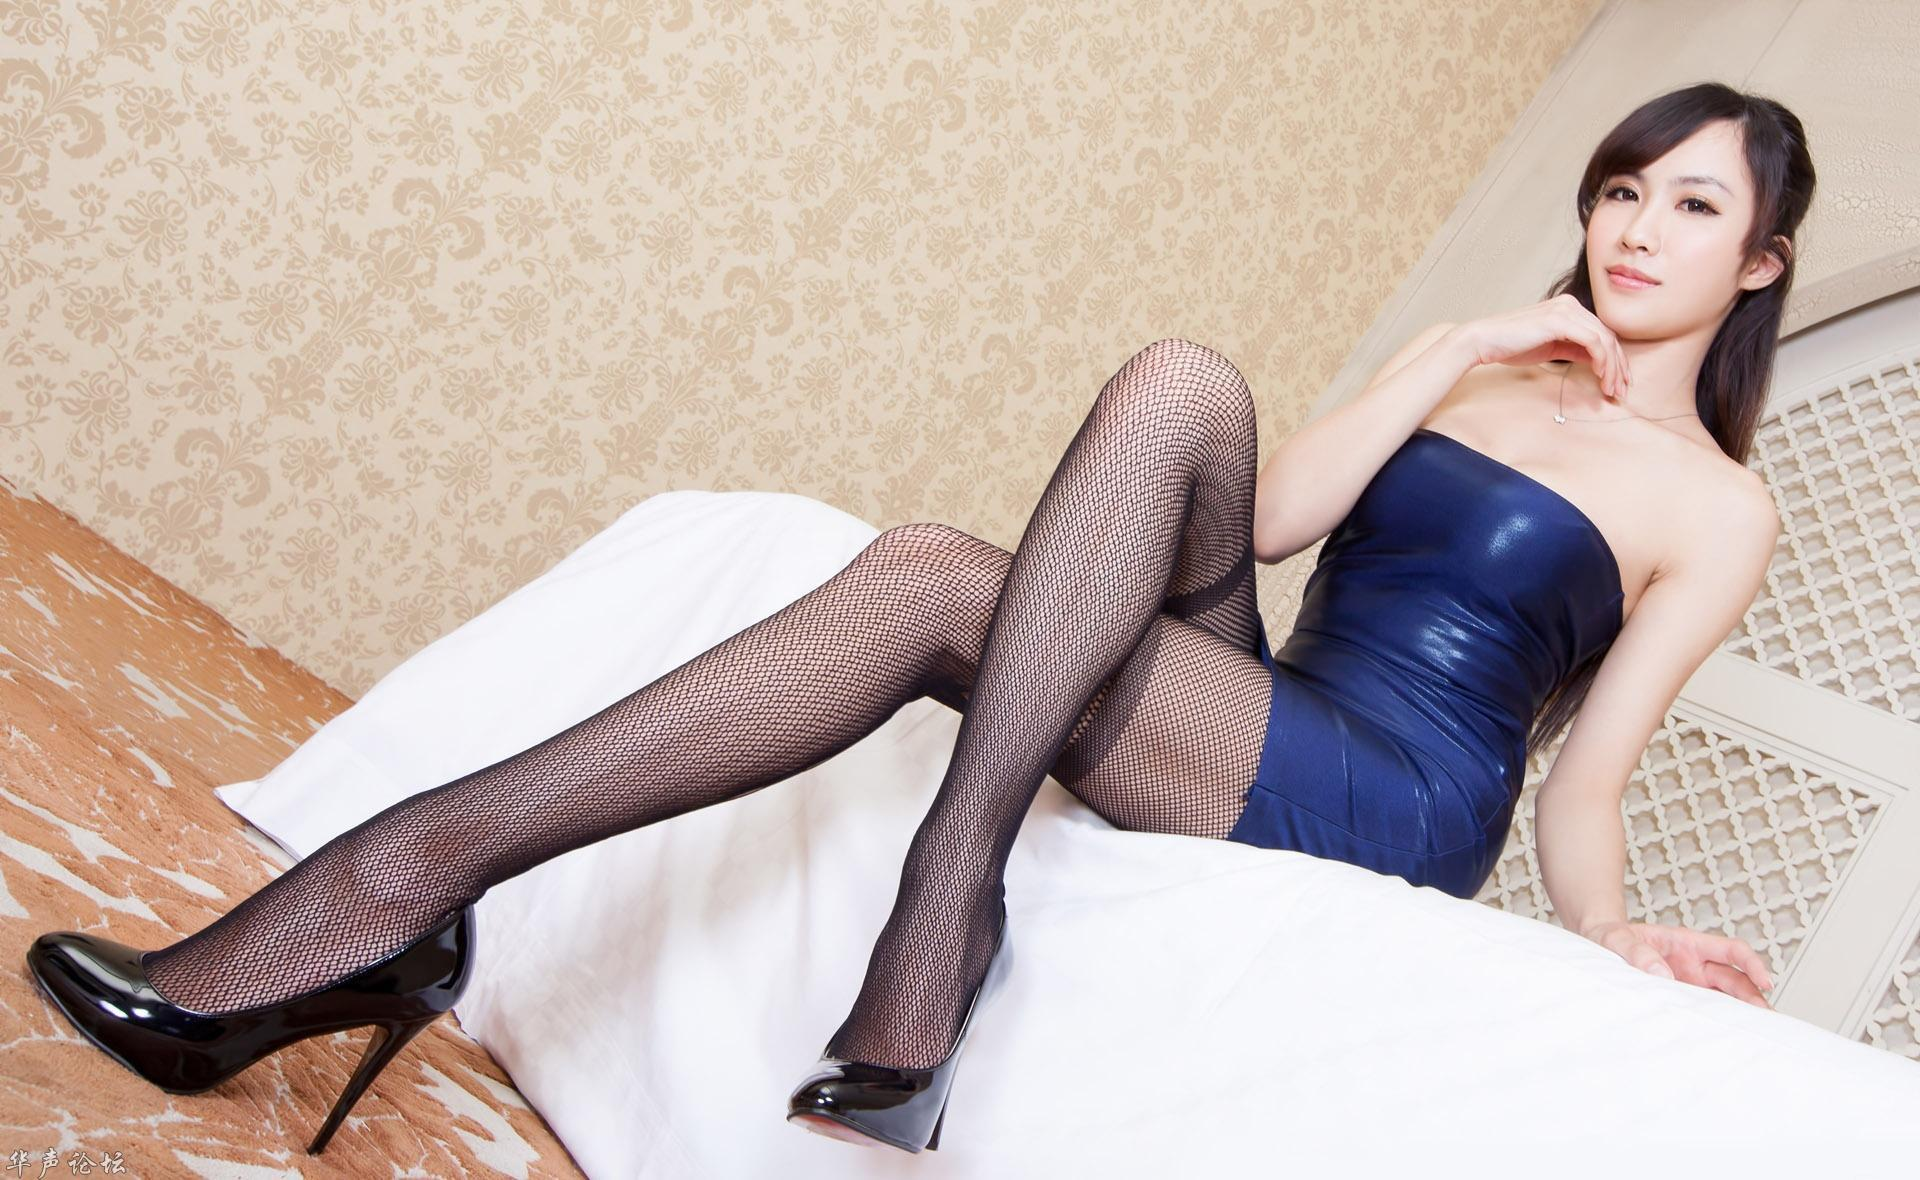 台湾美腿美女 这到底是谁!女神啊~!高悬赏